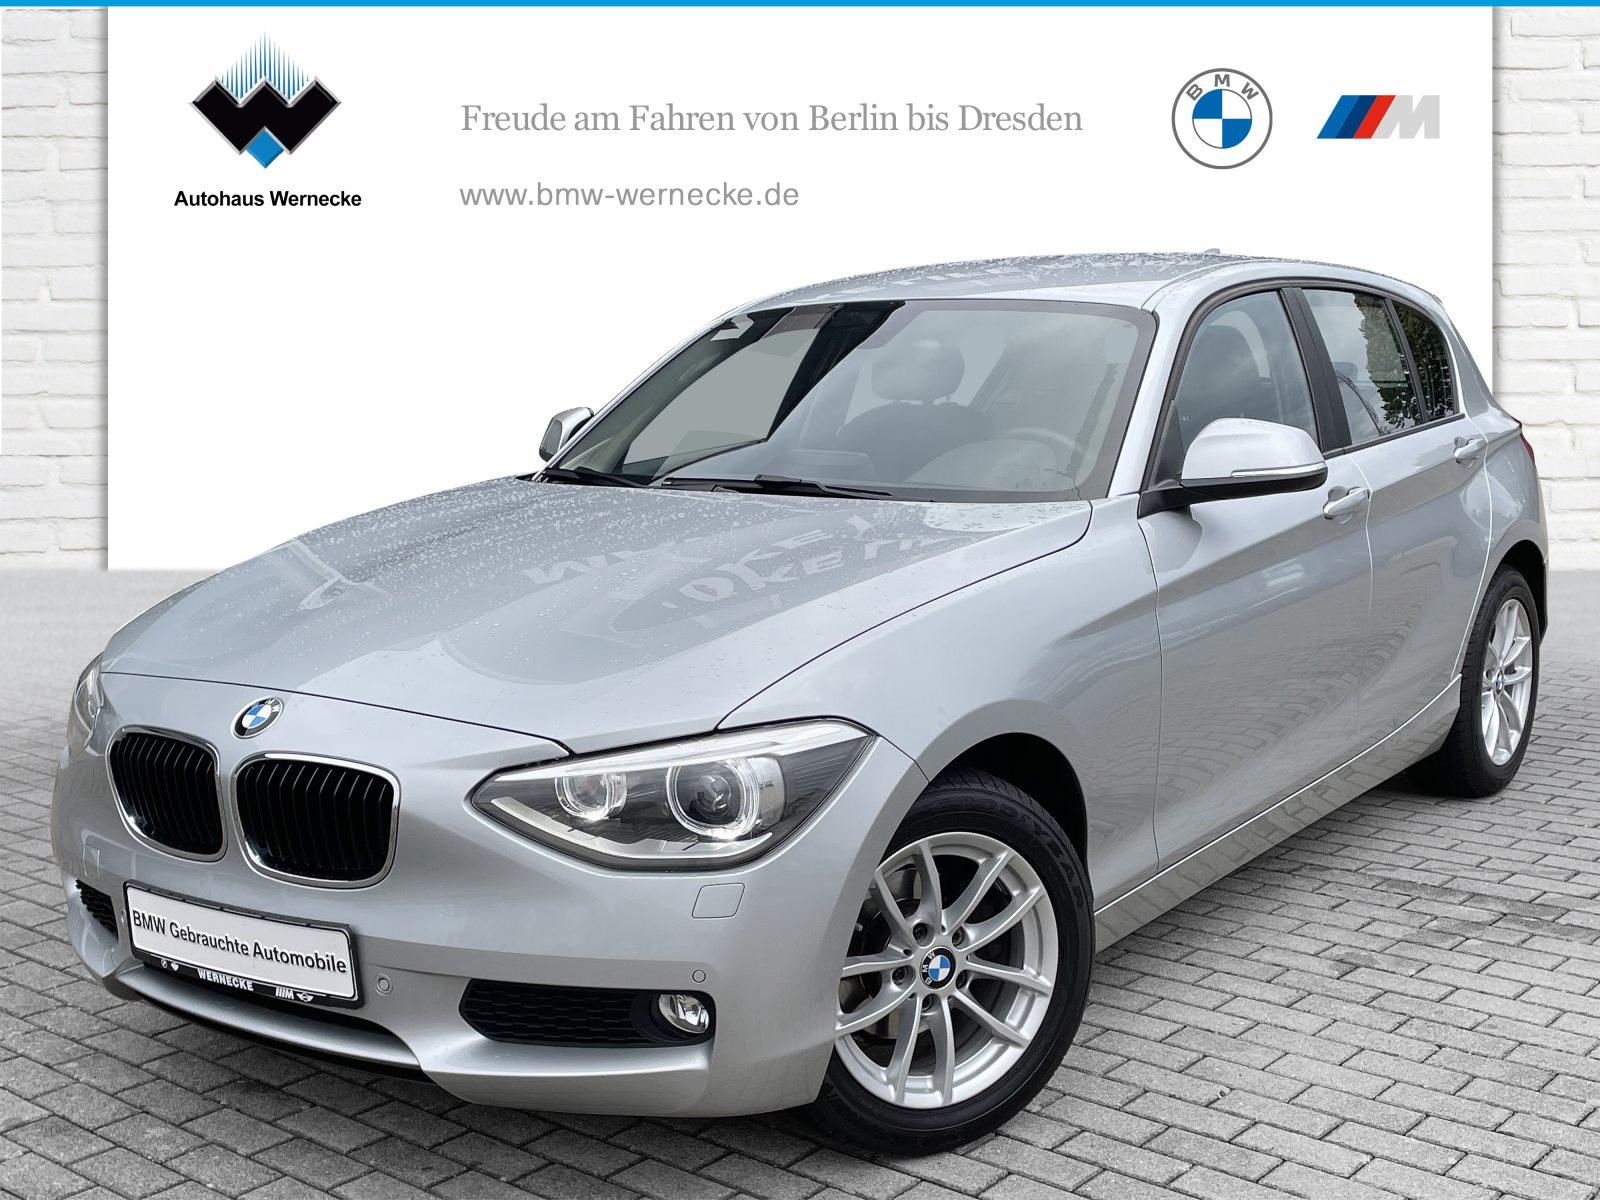 BMW 116d 5-Türer Xenon Tempomat AHK USB Klimaaut., Jahr 2015, Diesel